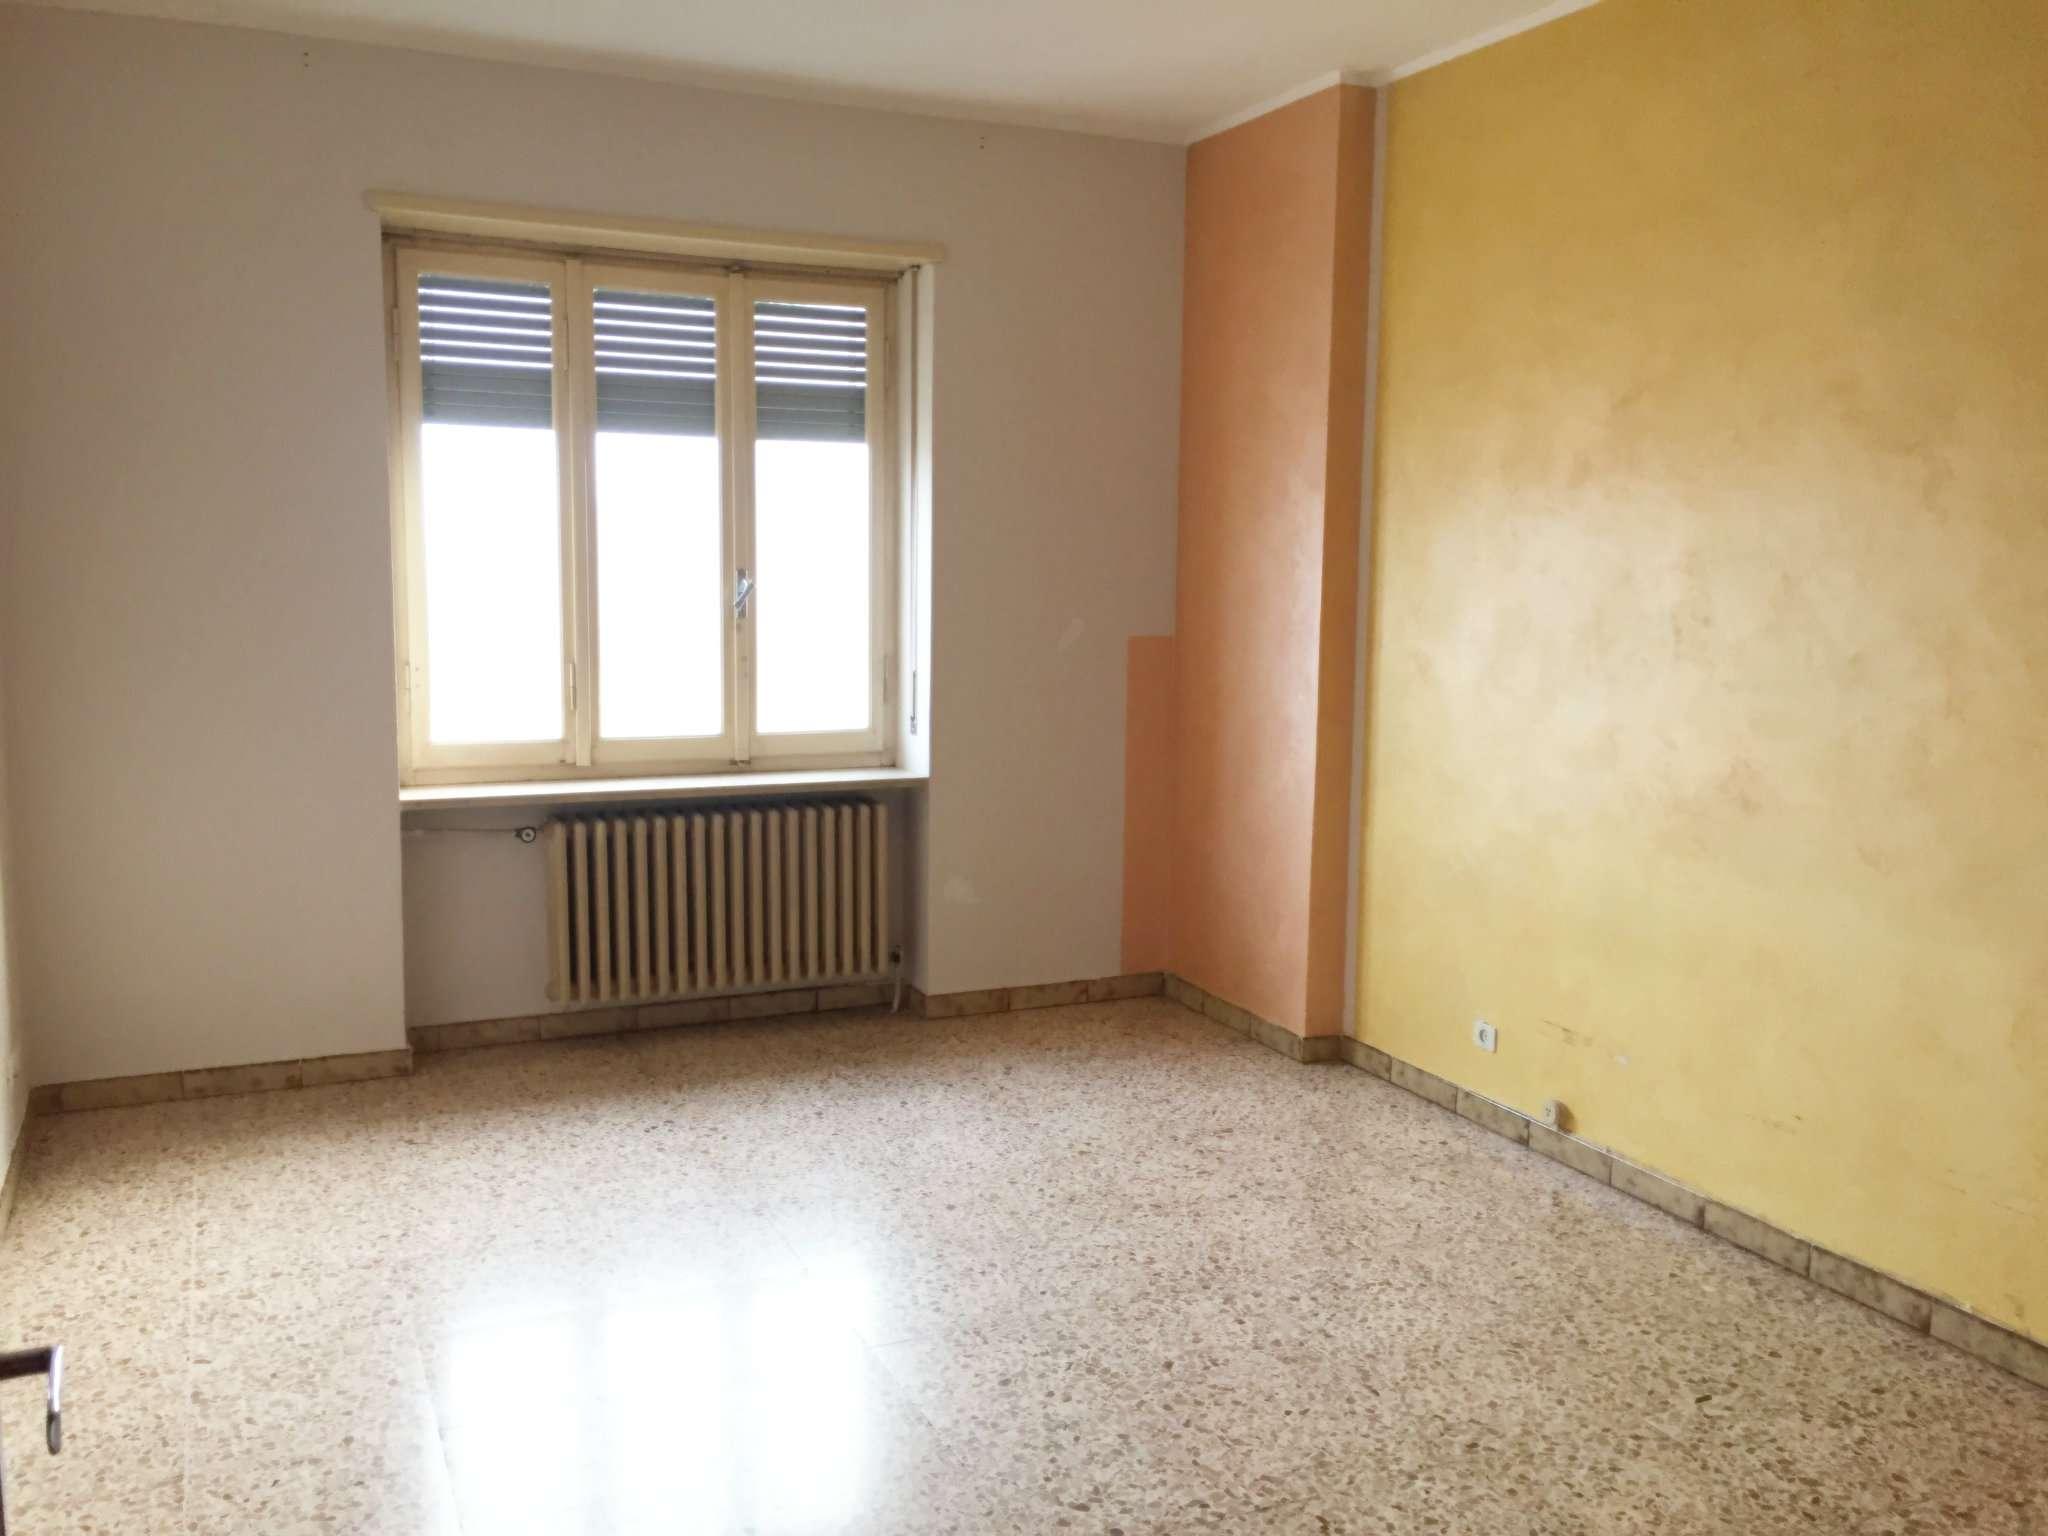 Appartamento in vendita a Piobesi Torinese, 3 locali, prezzo € 50.000 | CambioCasa.it